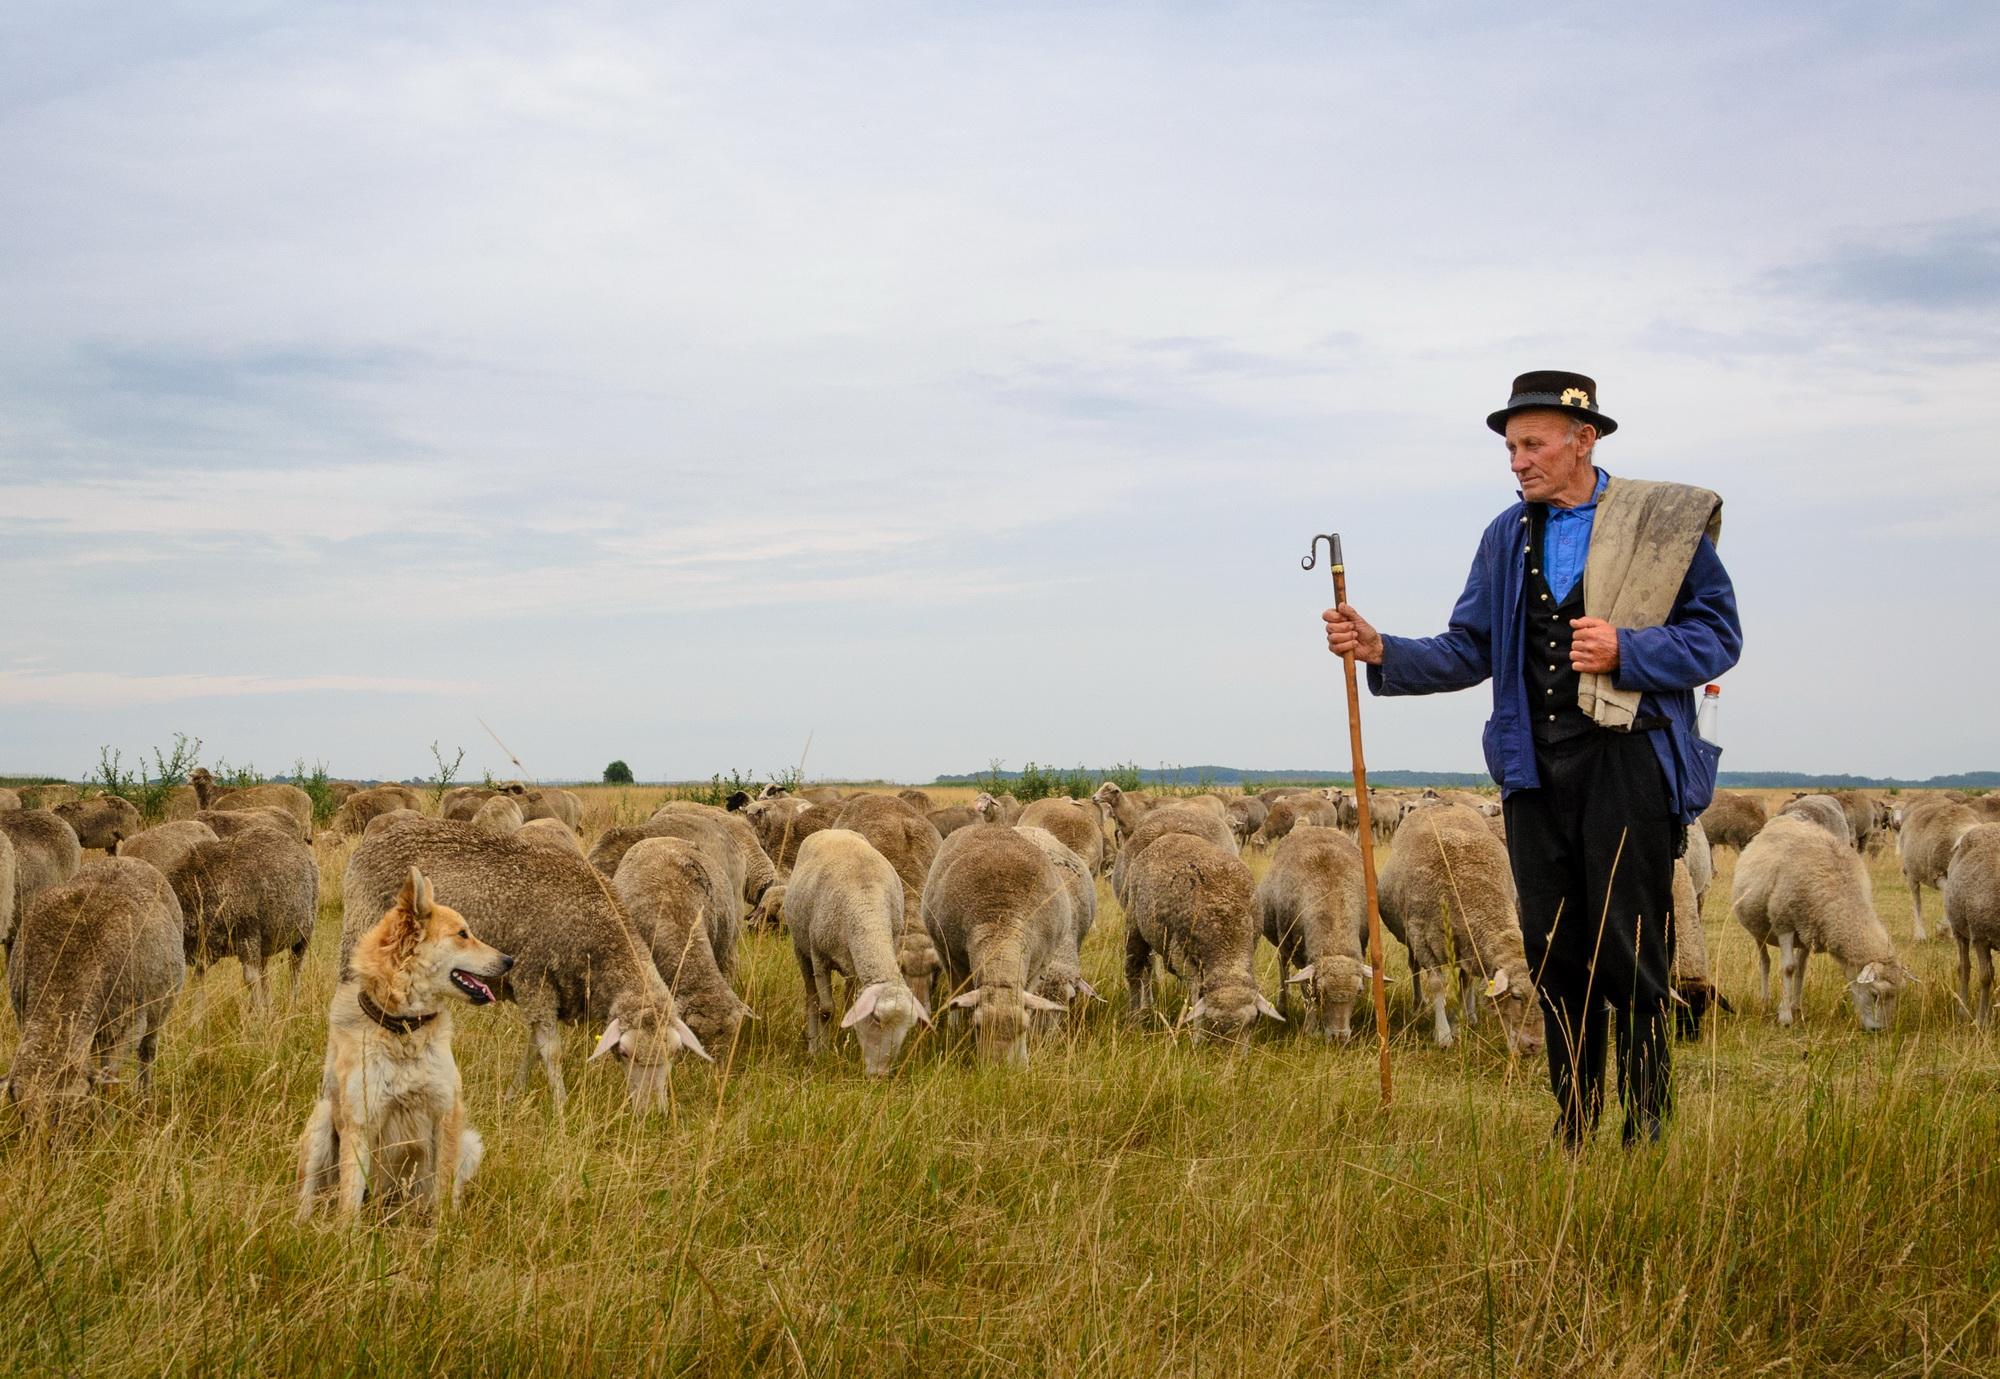 Ha beüt a válság, újra szükségünk lehet majd a pásztorok tudására